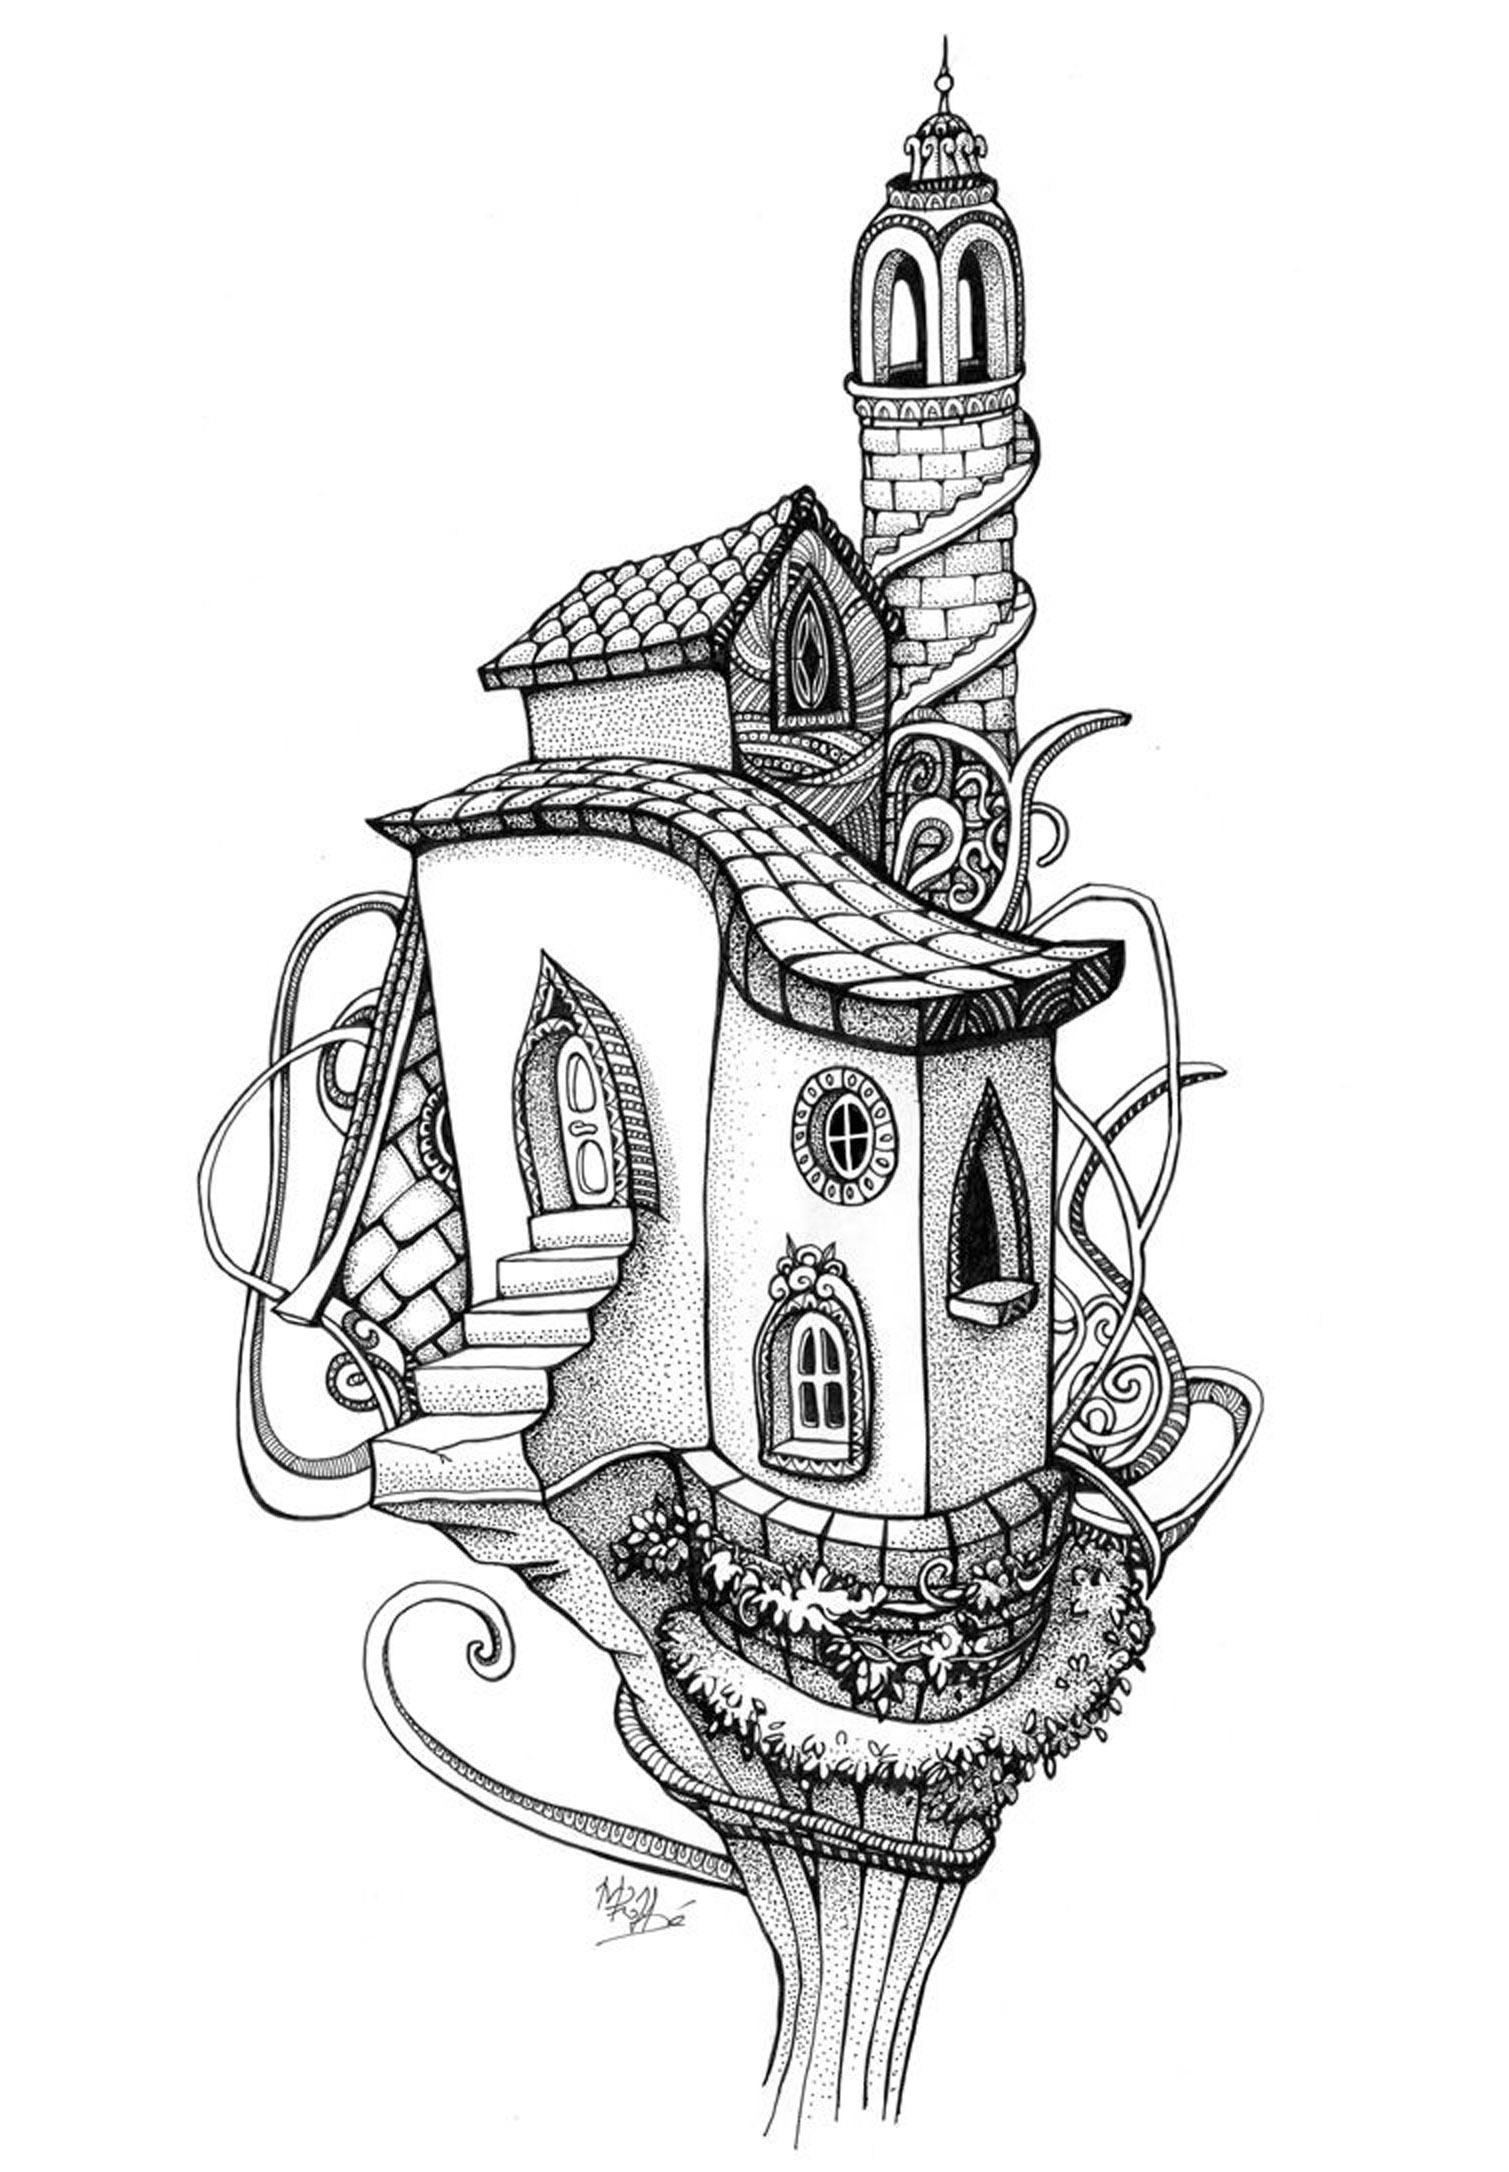 Disegni da colorare per adulti : Architettura & casa - 24